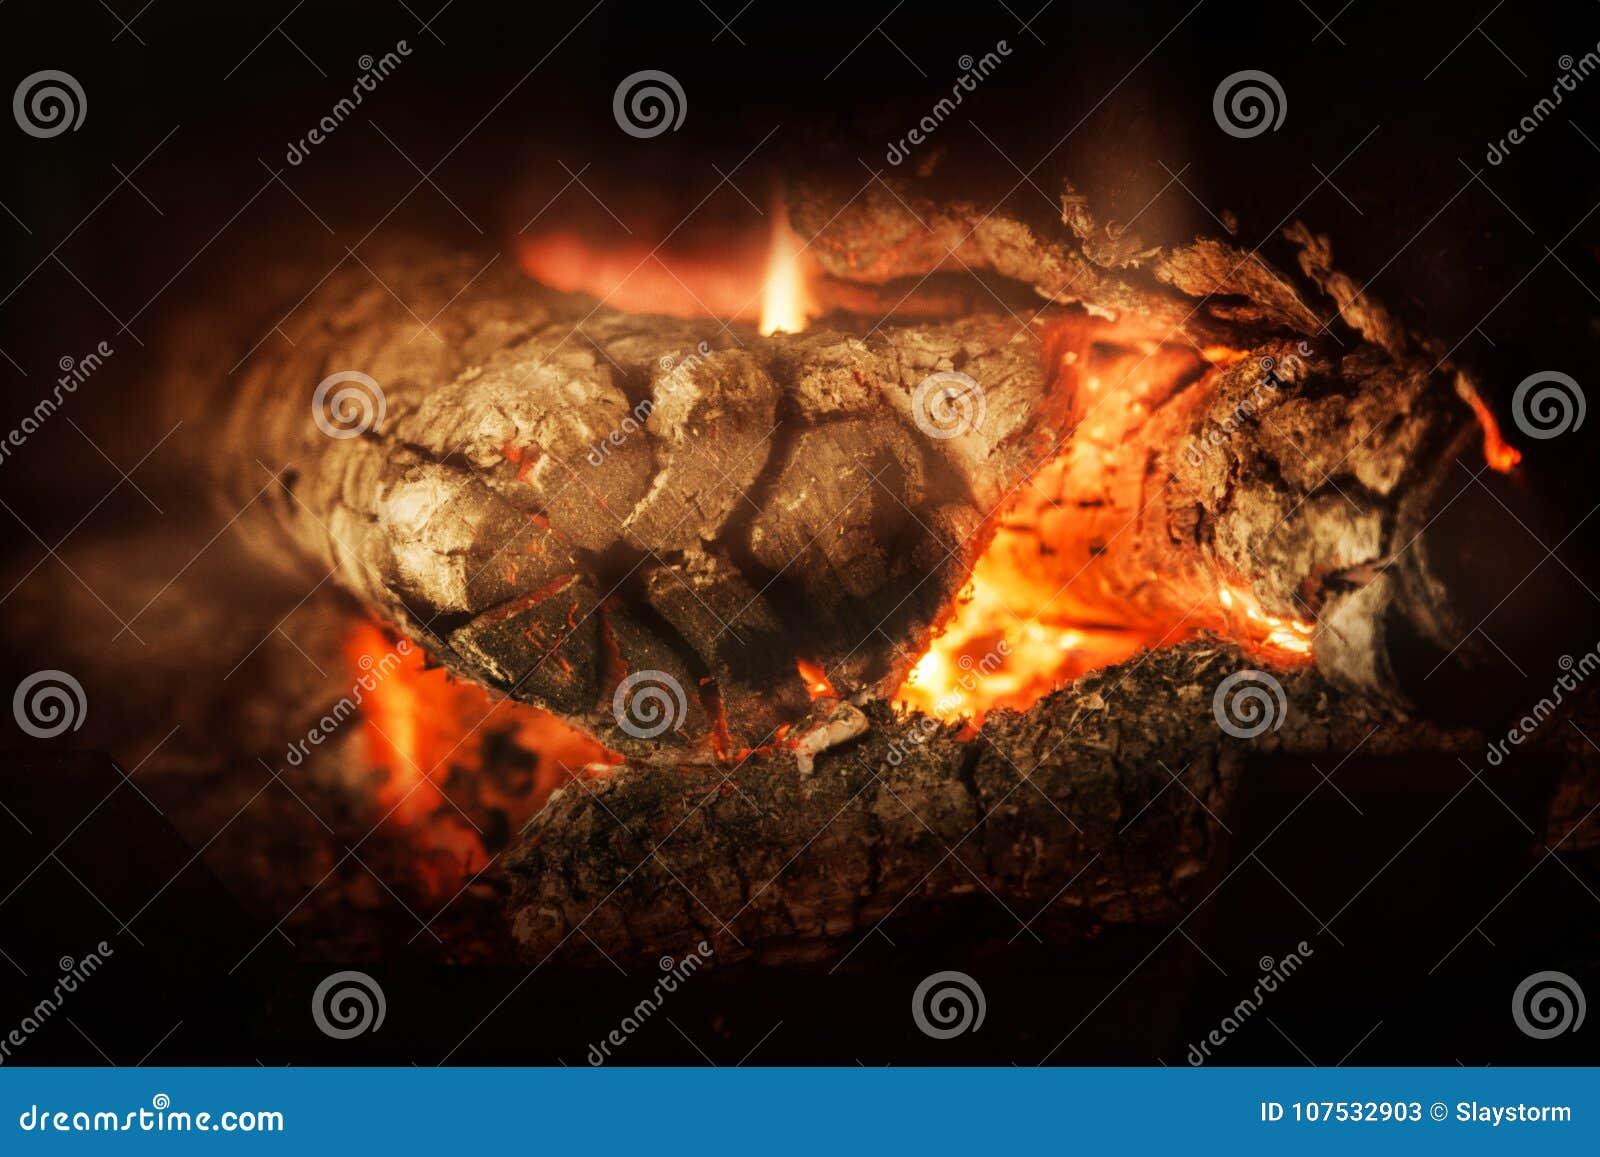 Un fuego de madera ardiente en chimenea